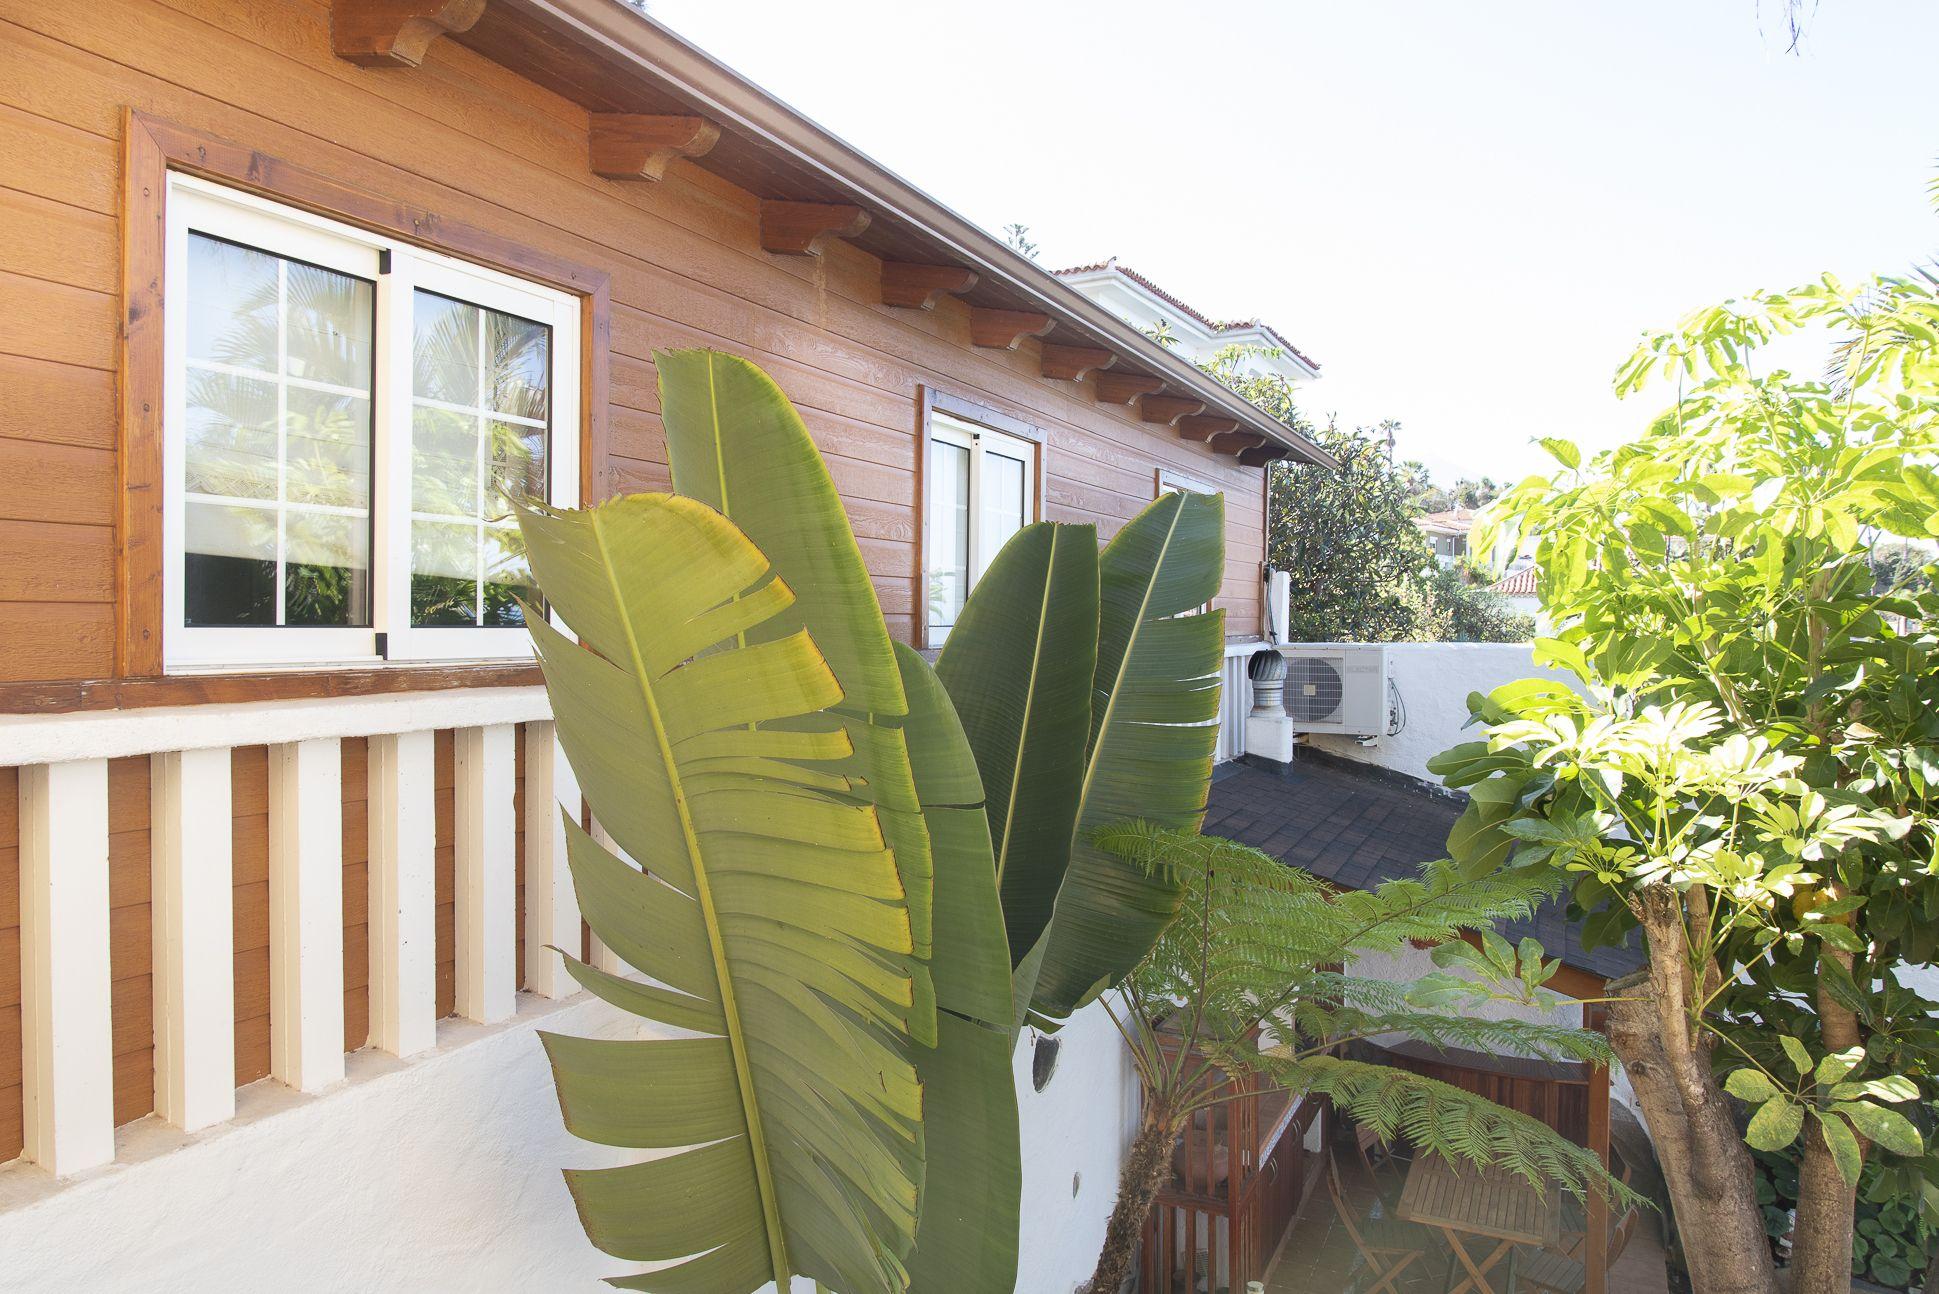 Habitacion invitados, lateral. El Sauzal - El Puertito